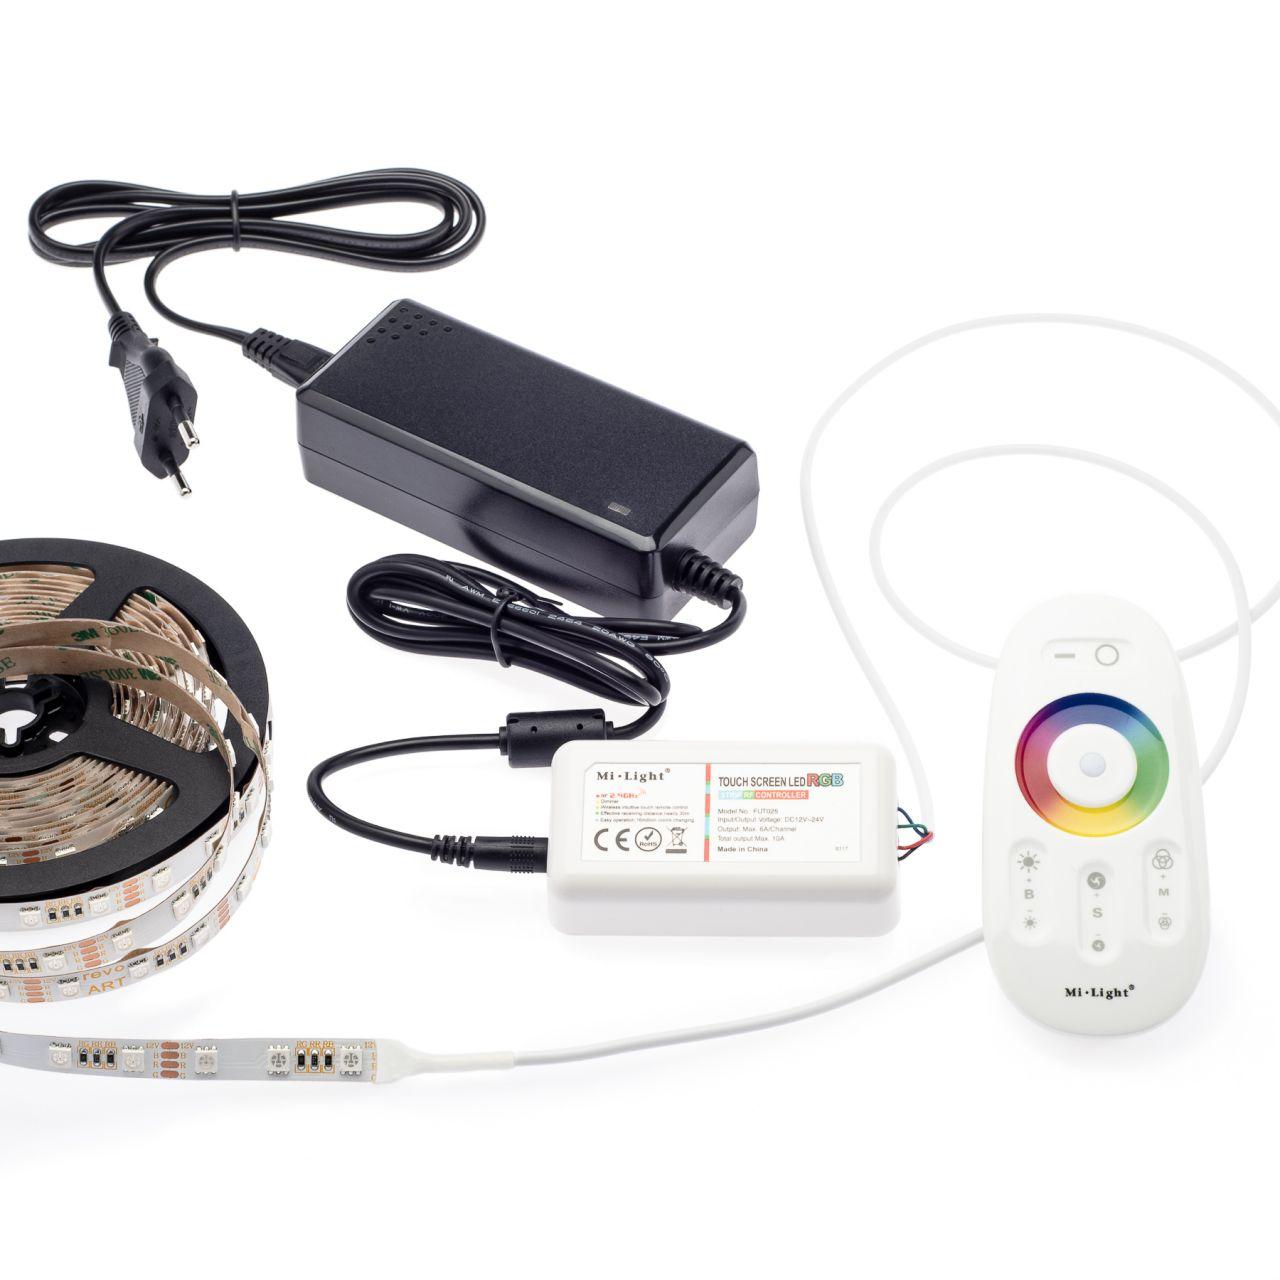 12V RGB LED Streifen Set mit Fernbedienung und Netzteil, 250cm Länge, Farbwechsel